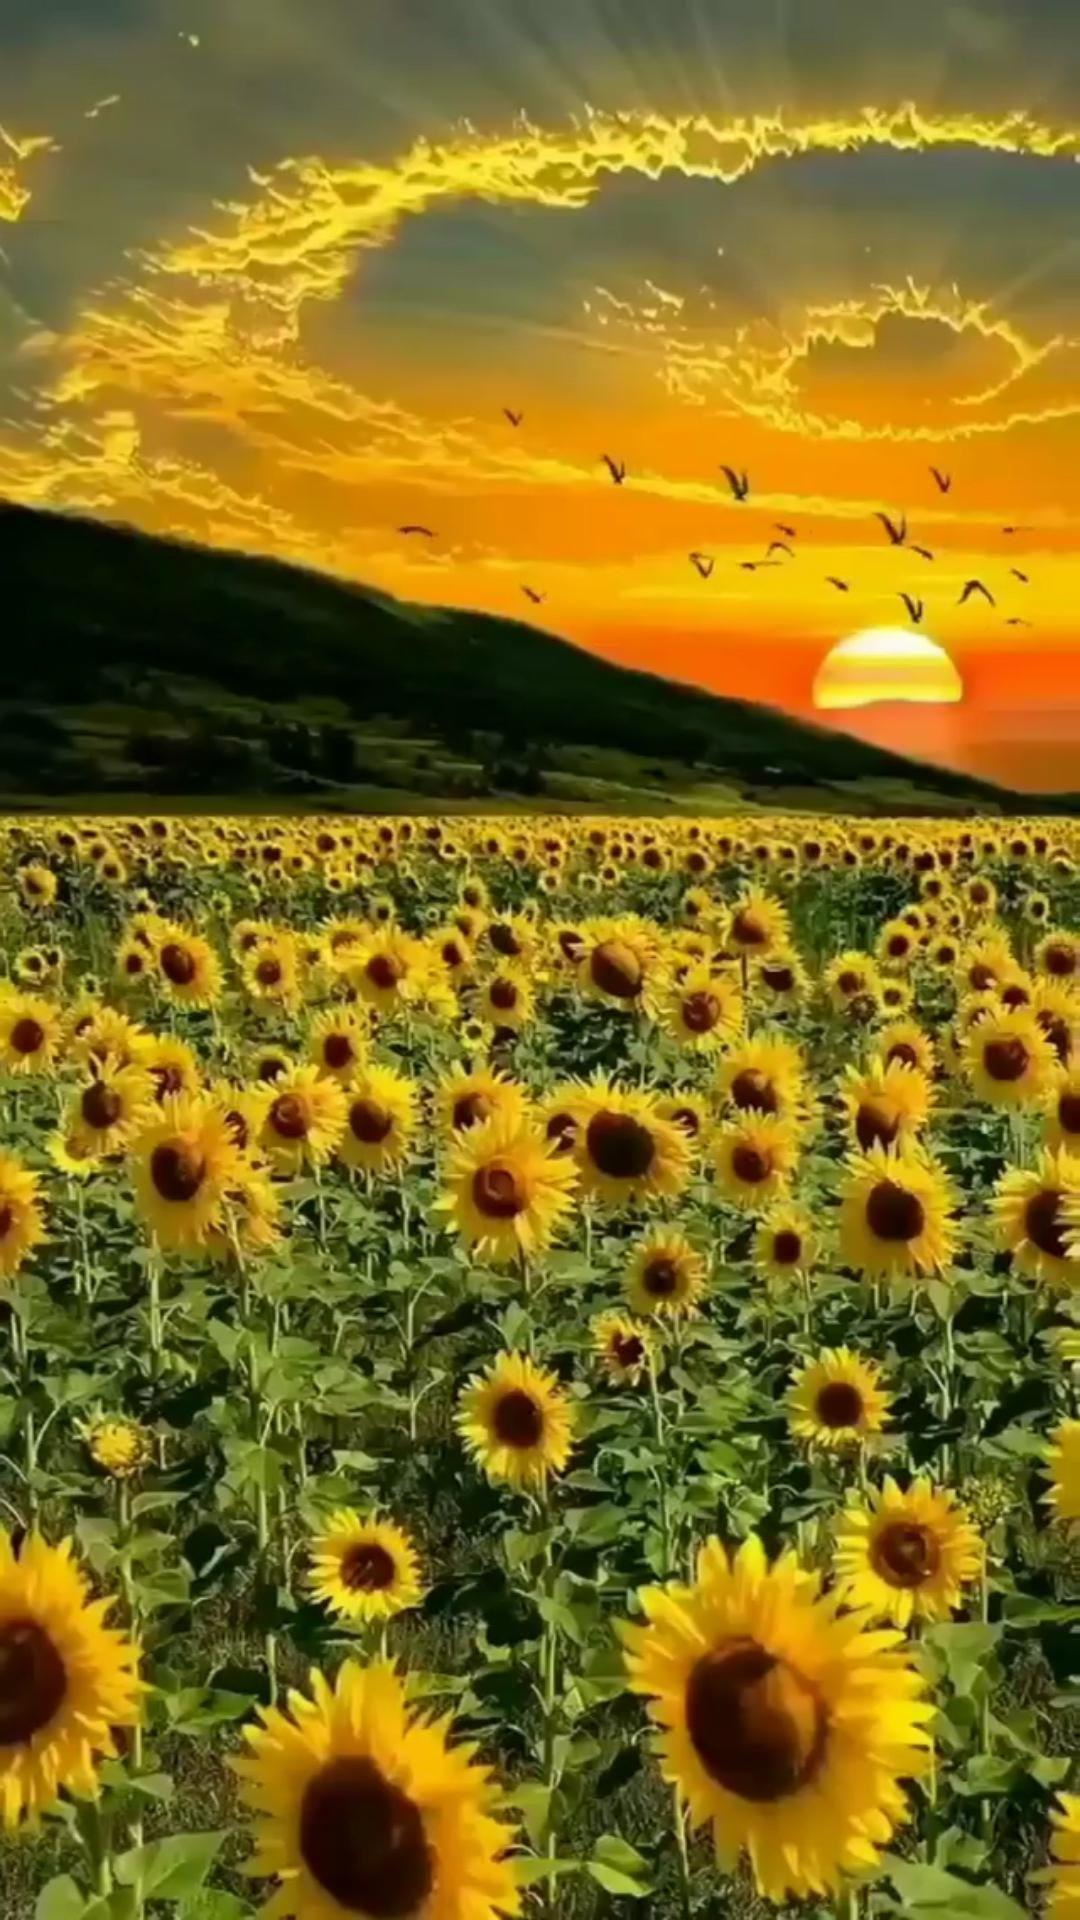 Sunrise ⛅️ Sun Flowers 🌸